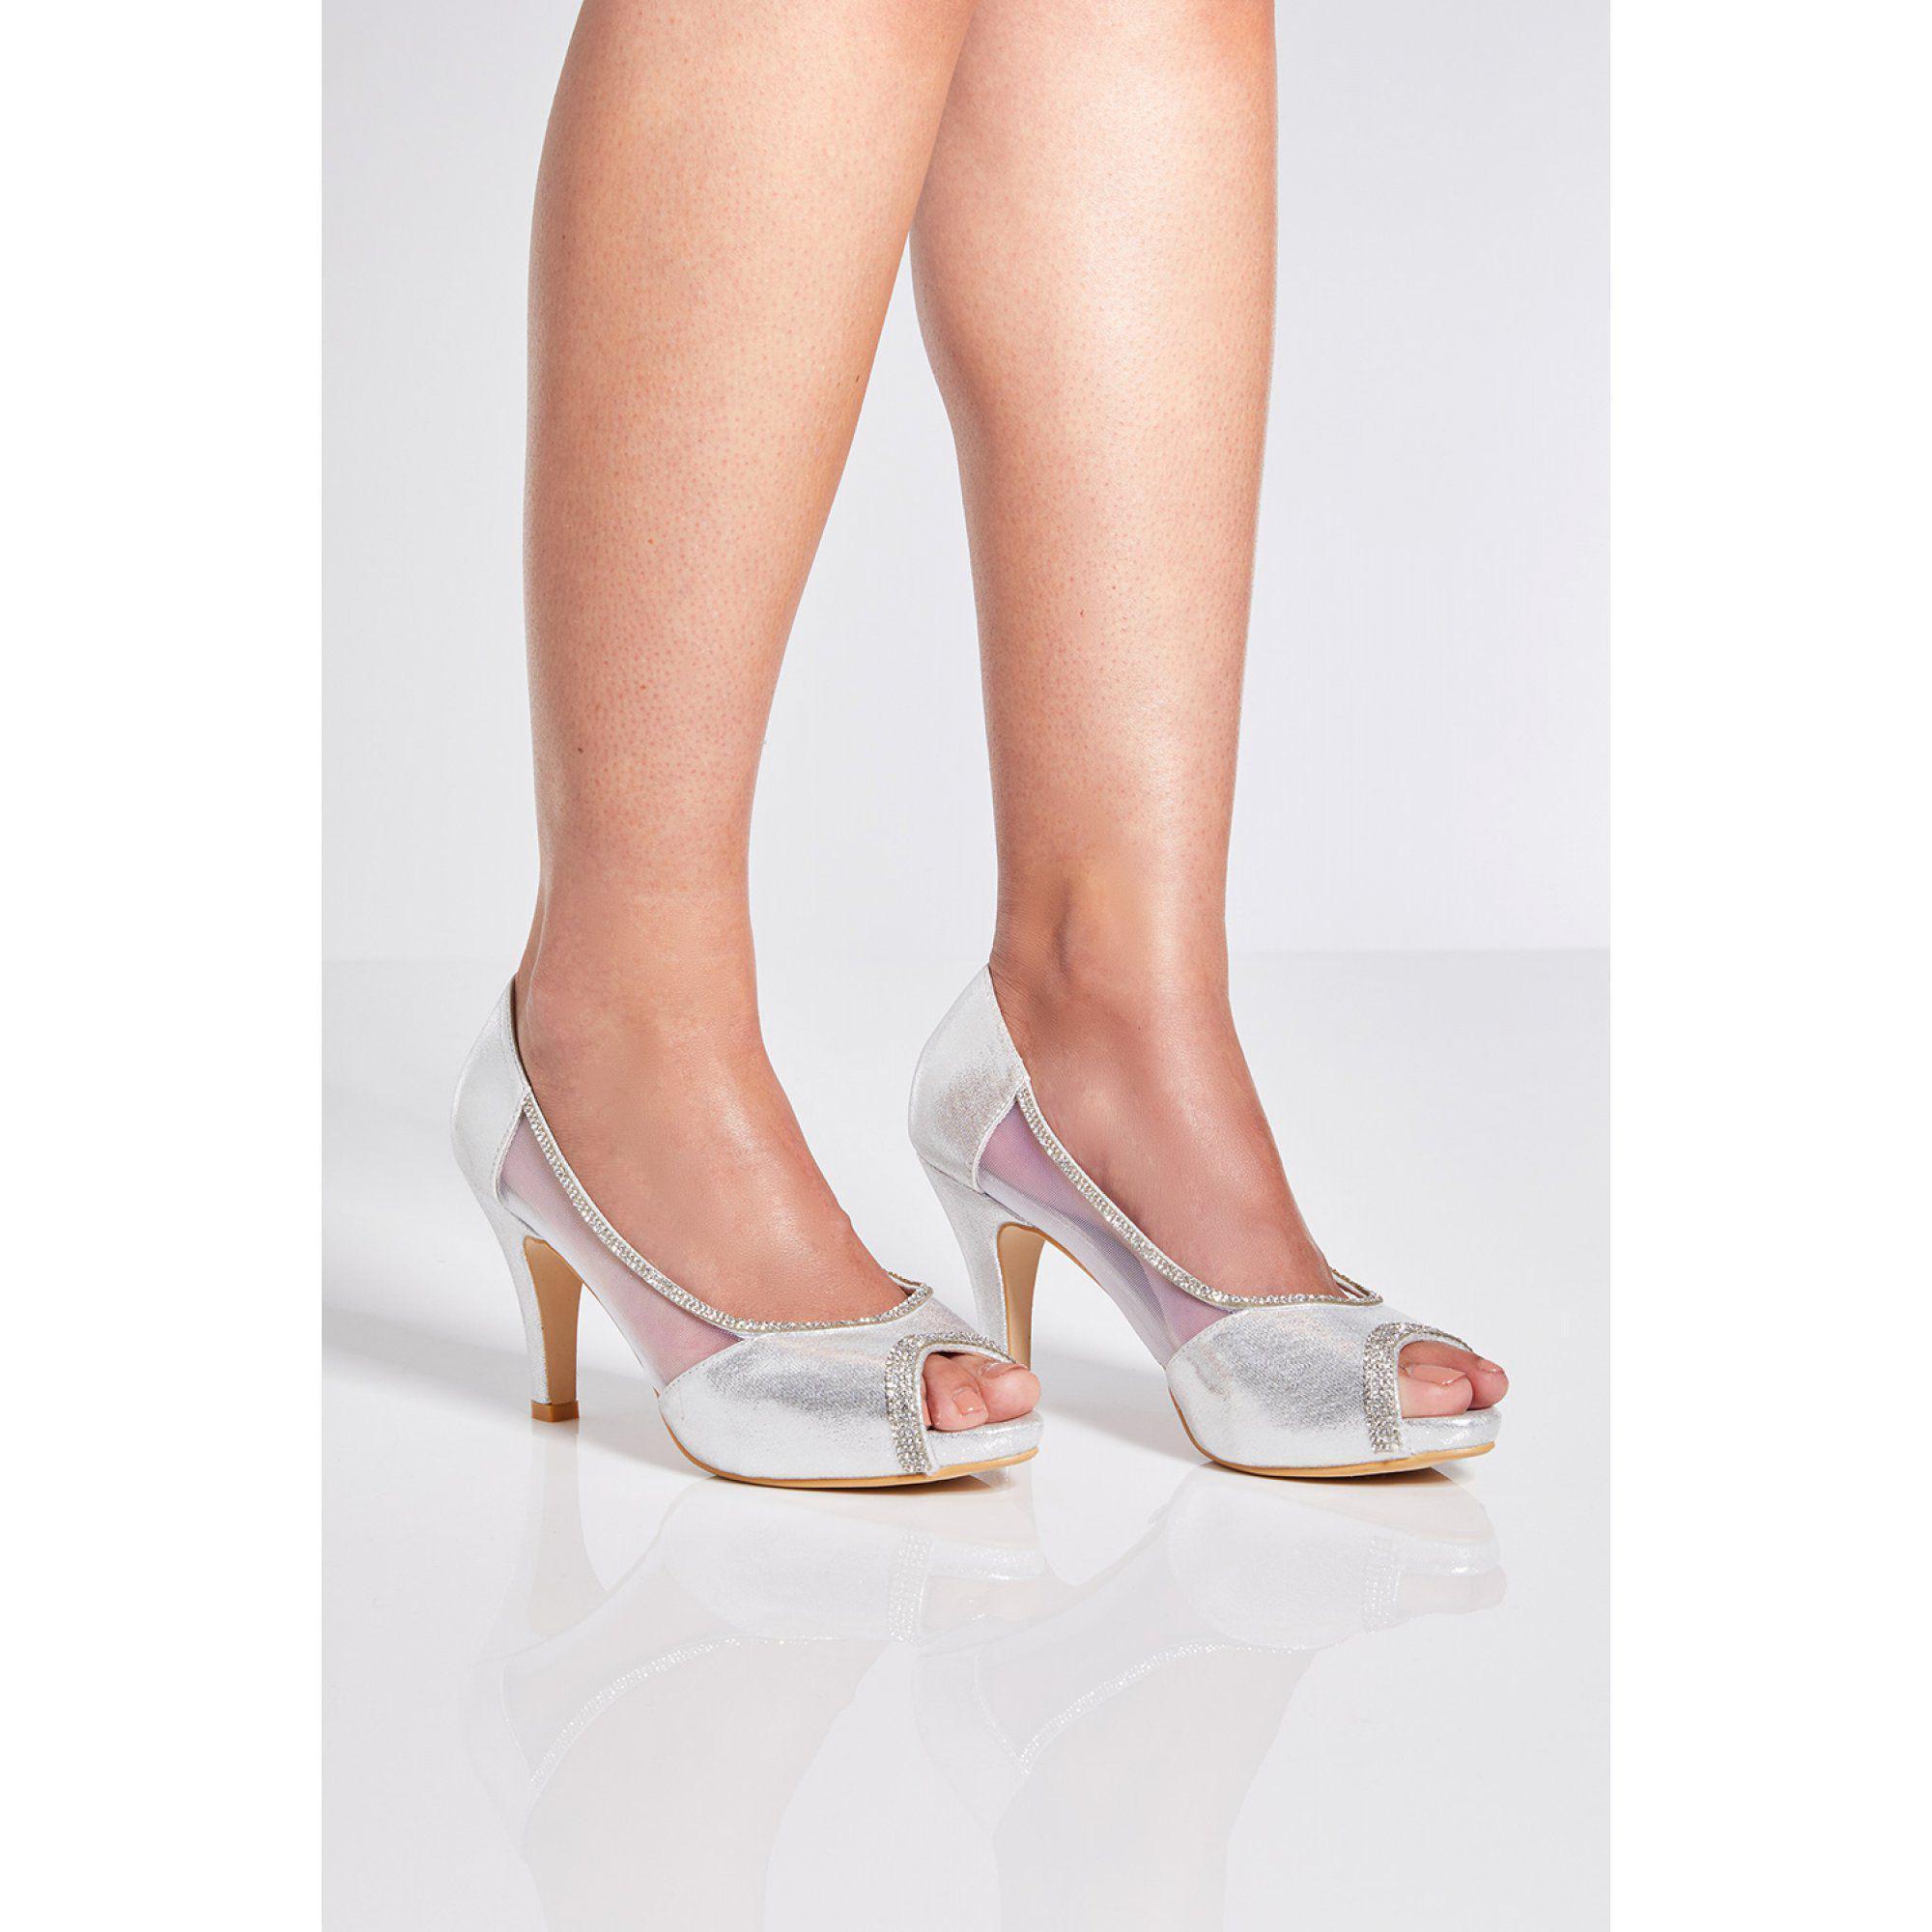 8de06053e2a Quiz Silver Shimmer Peep Toe Low Heel Shoes in Metallic - Lyst